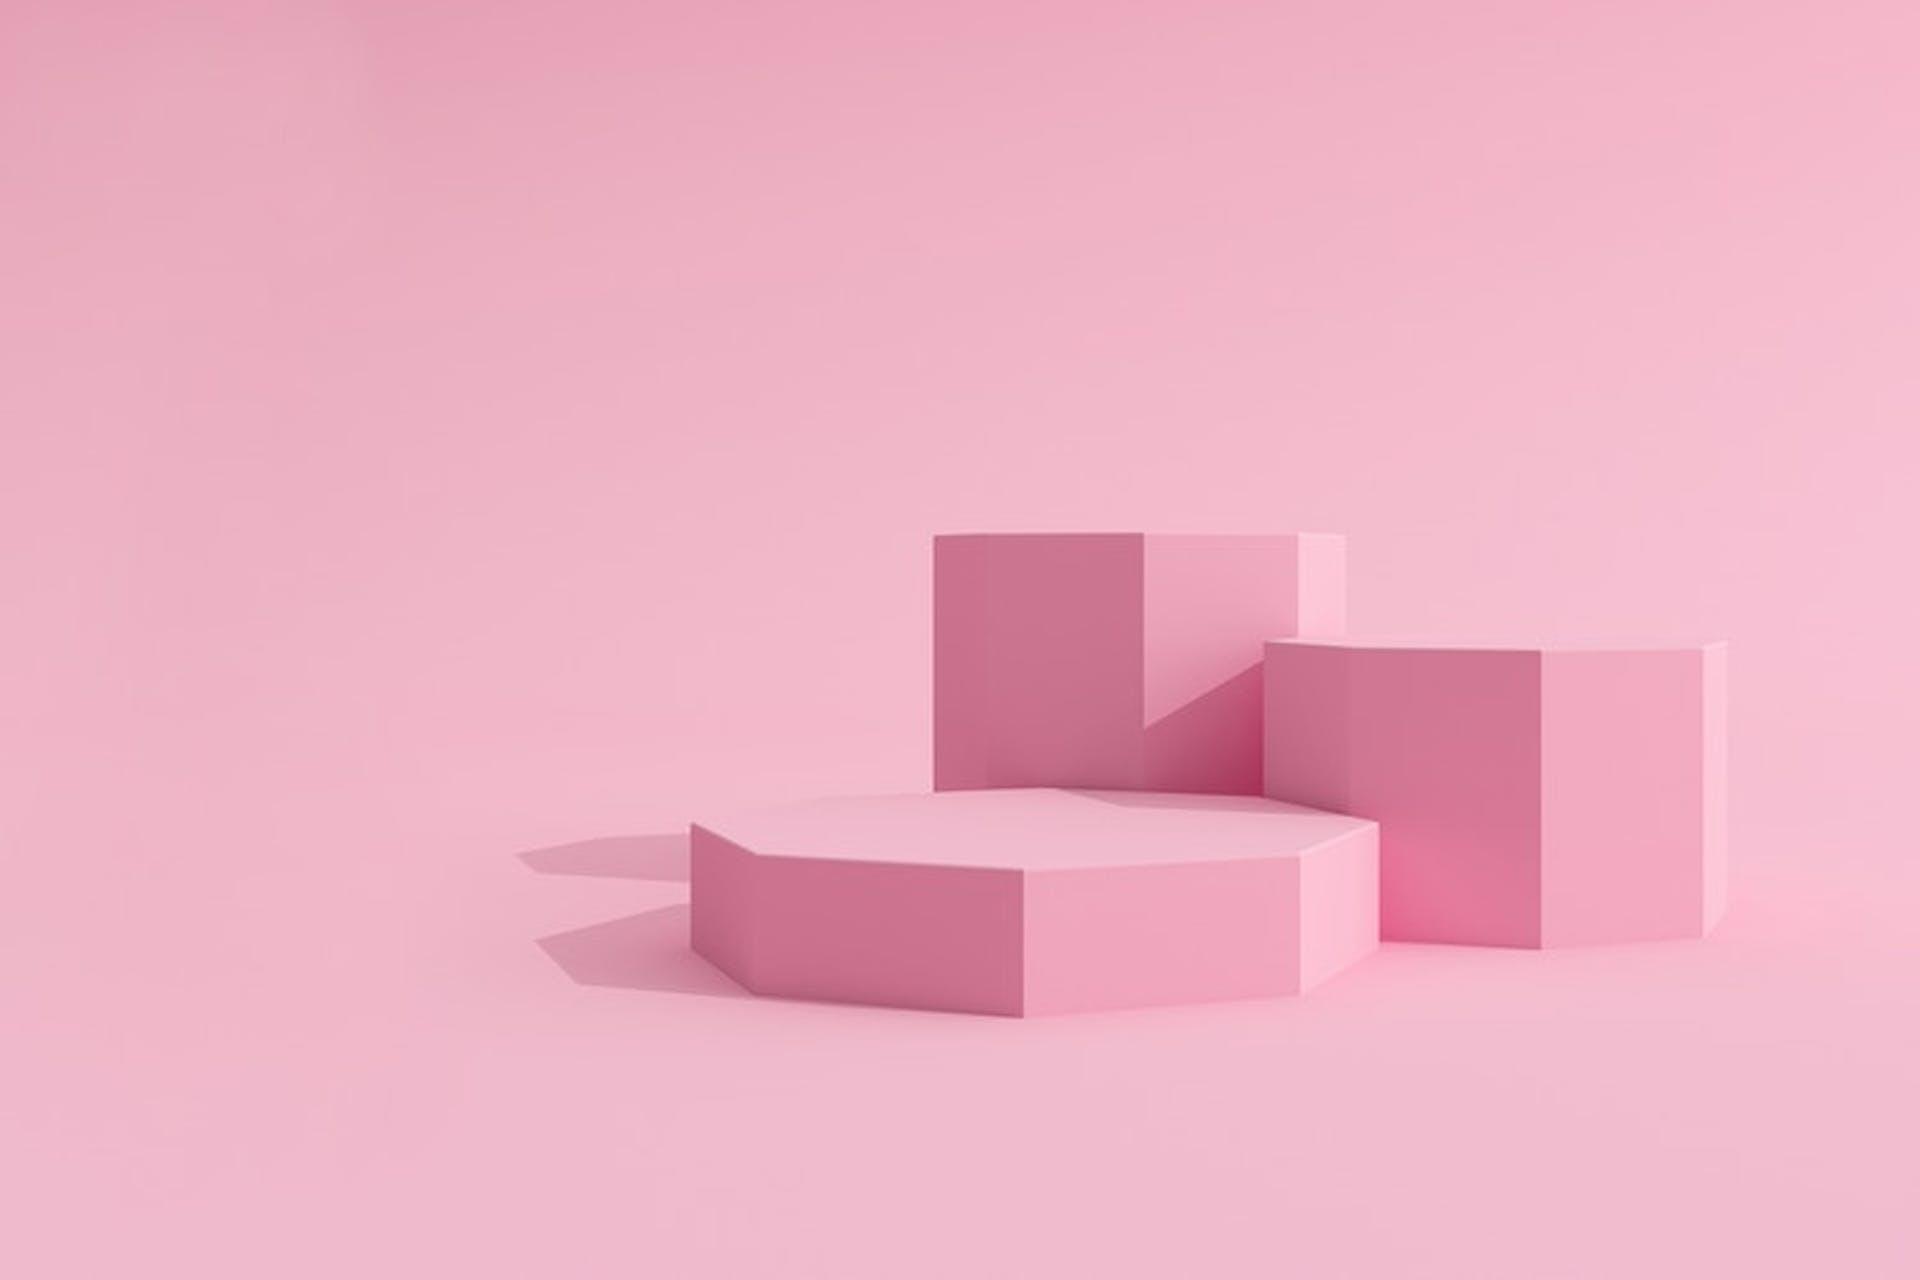 Vaaleanpunainen kuva, jossa kolme palikkaa vierekkäin